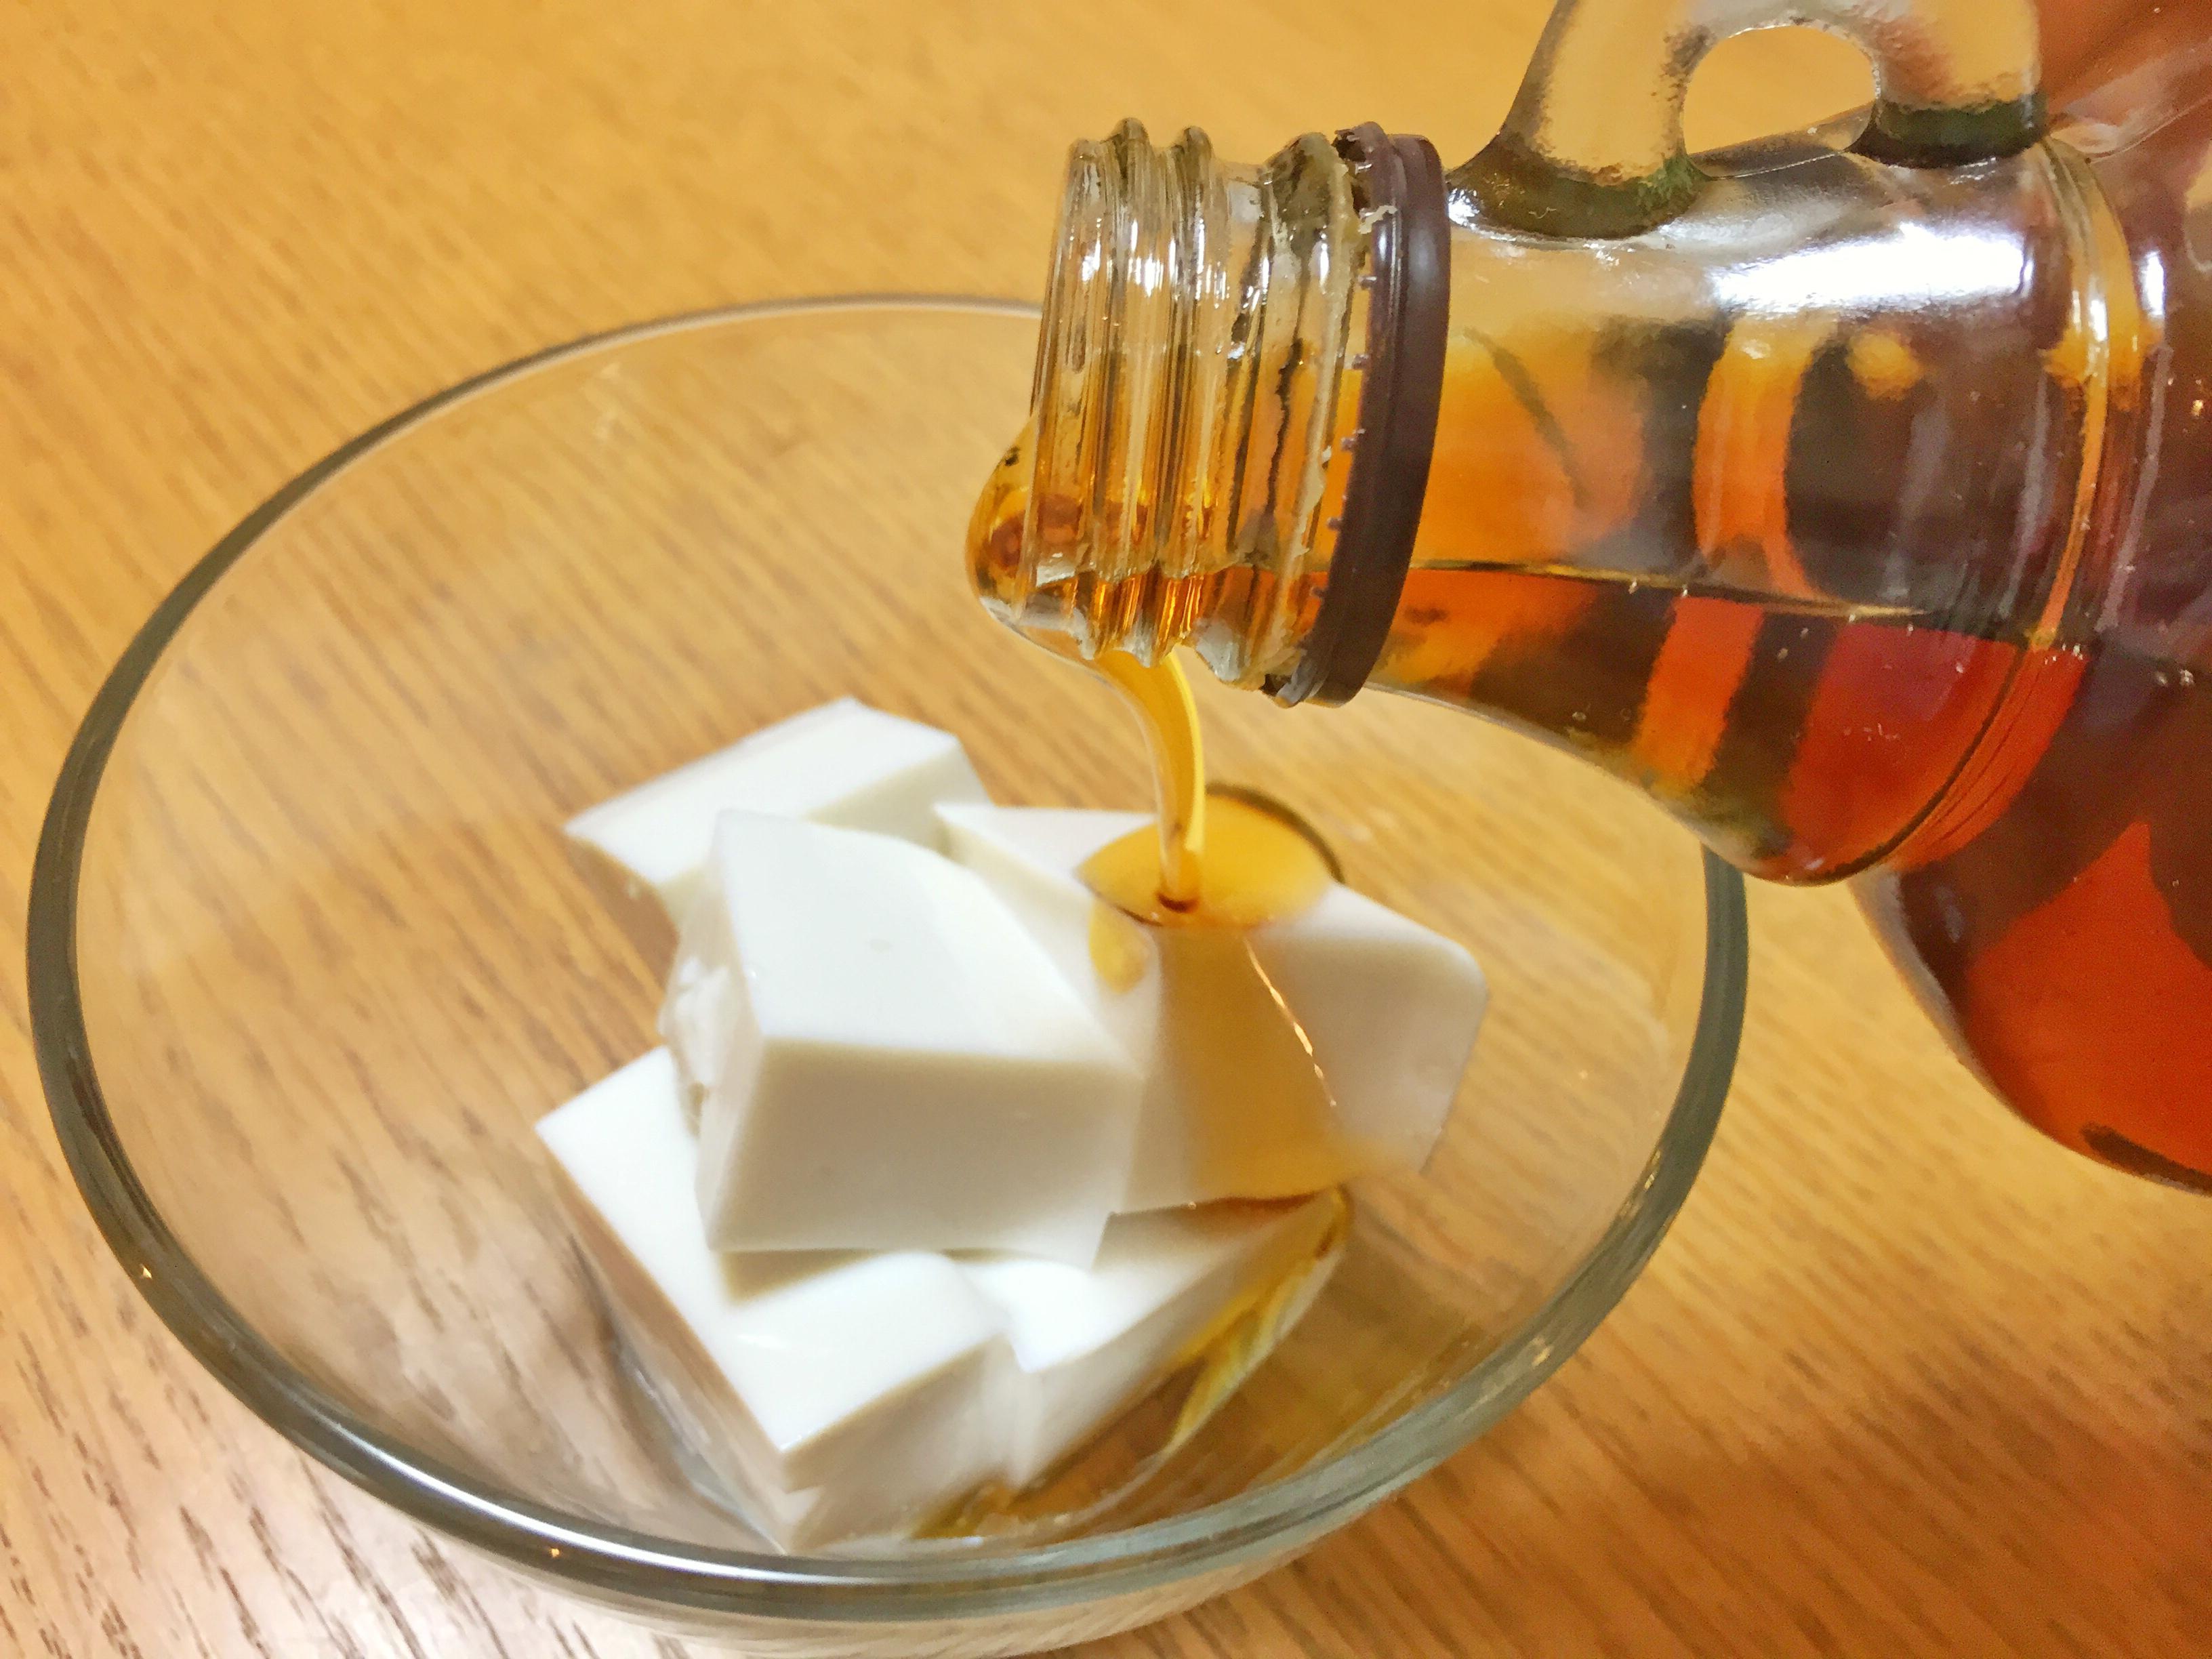 アーモンドミルク寒天にメープルシロップをかける